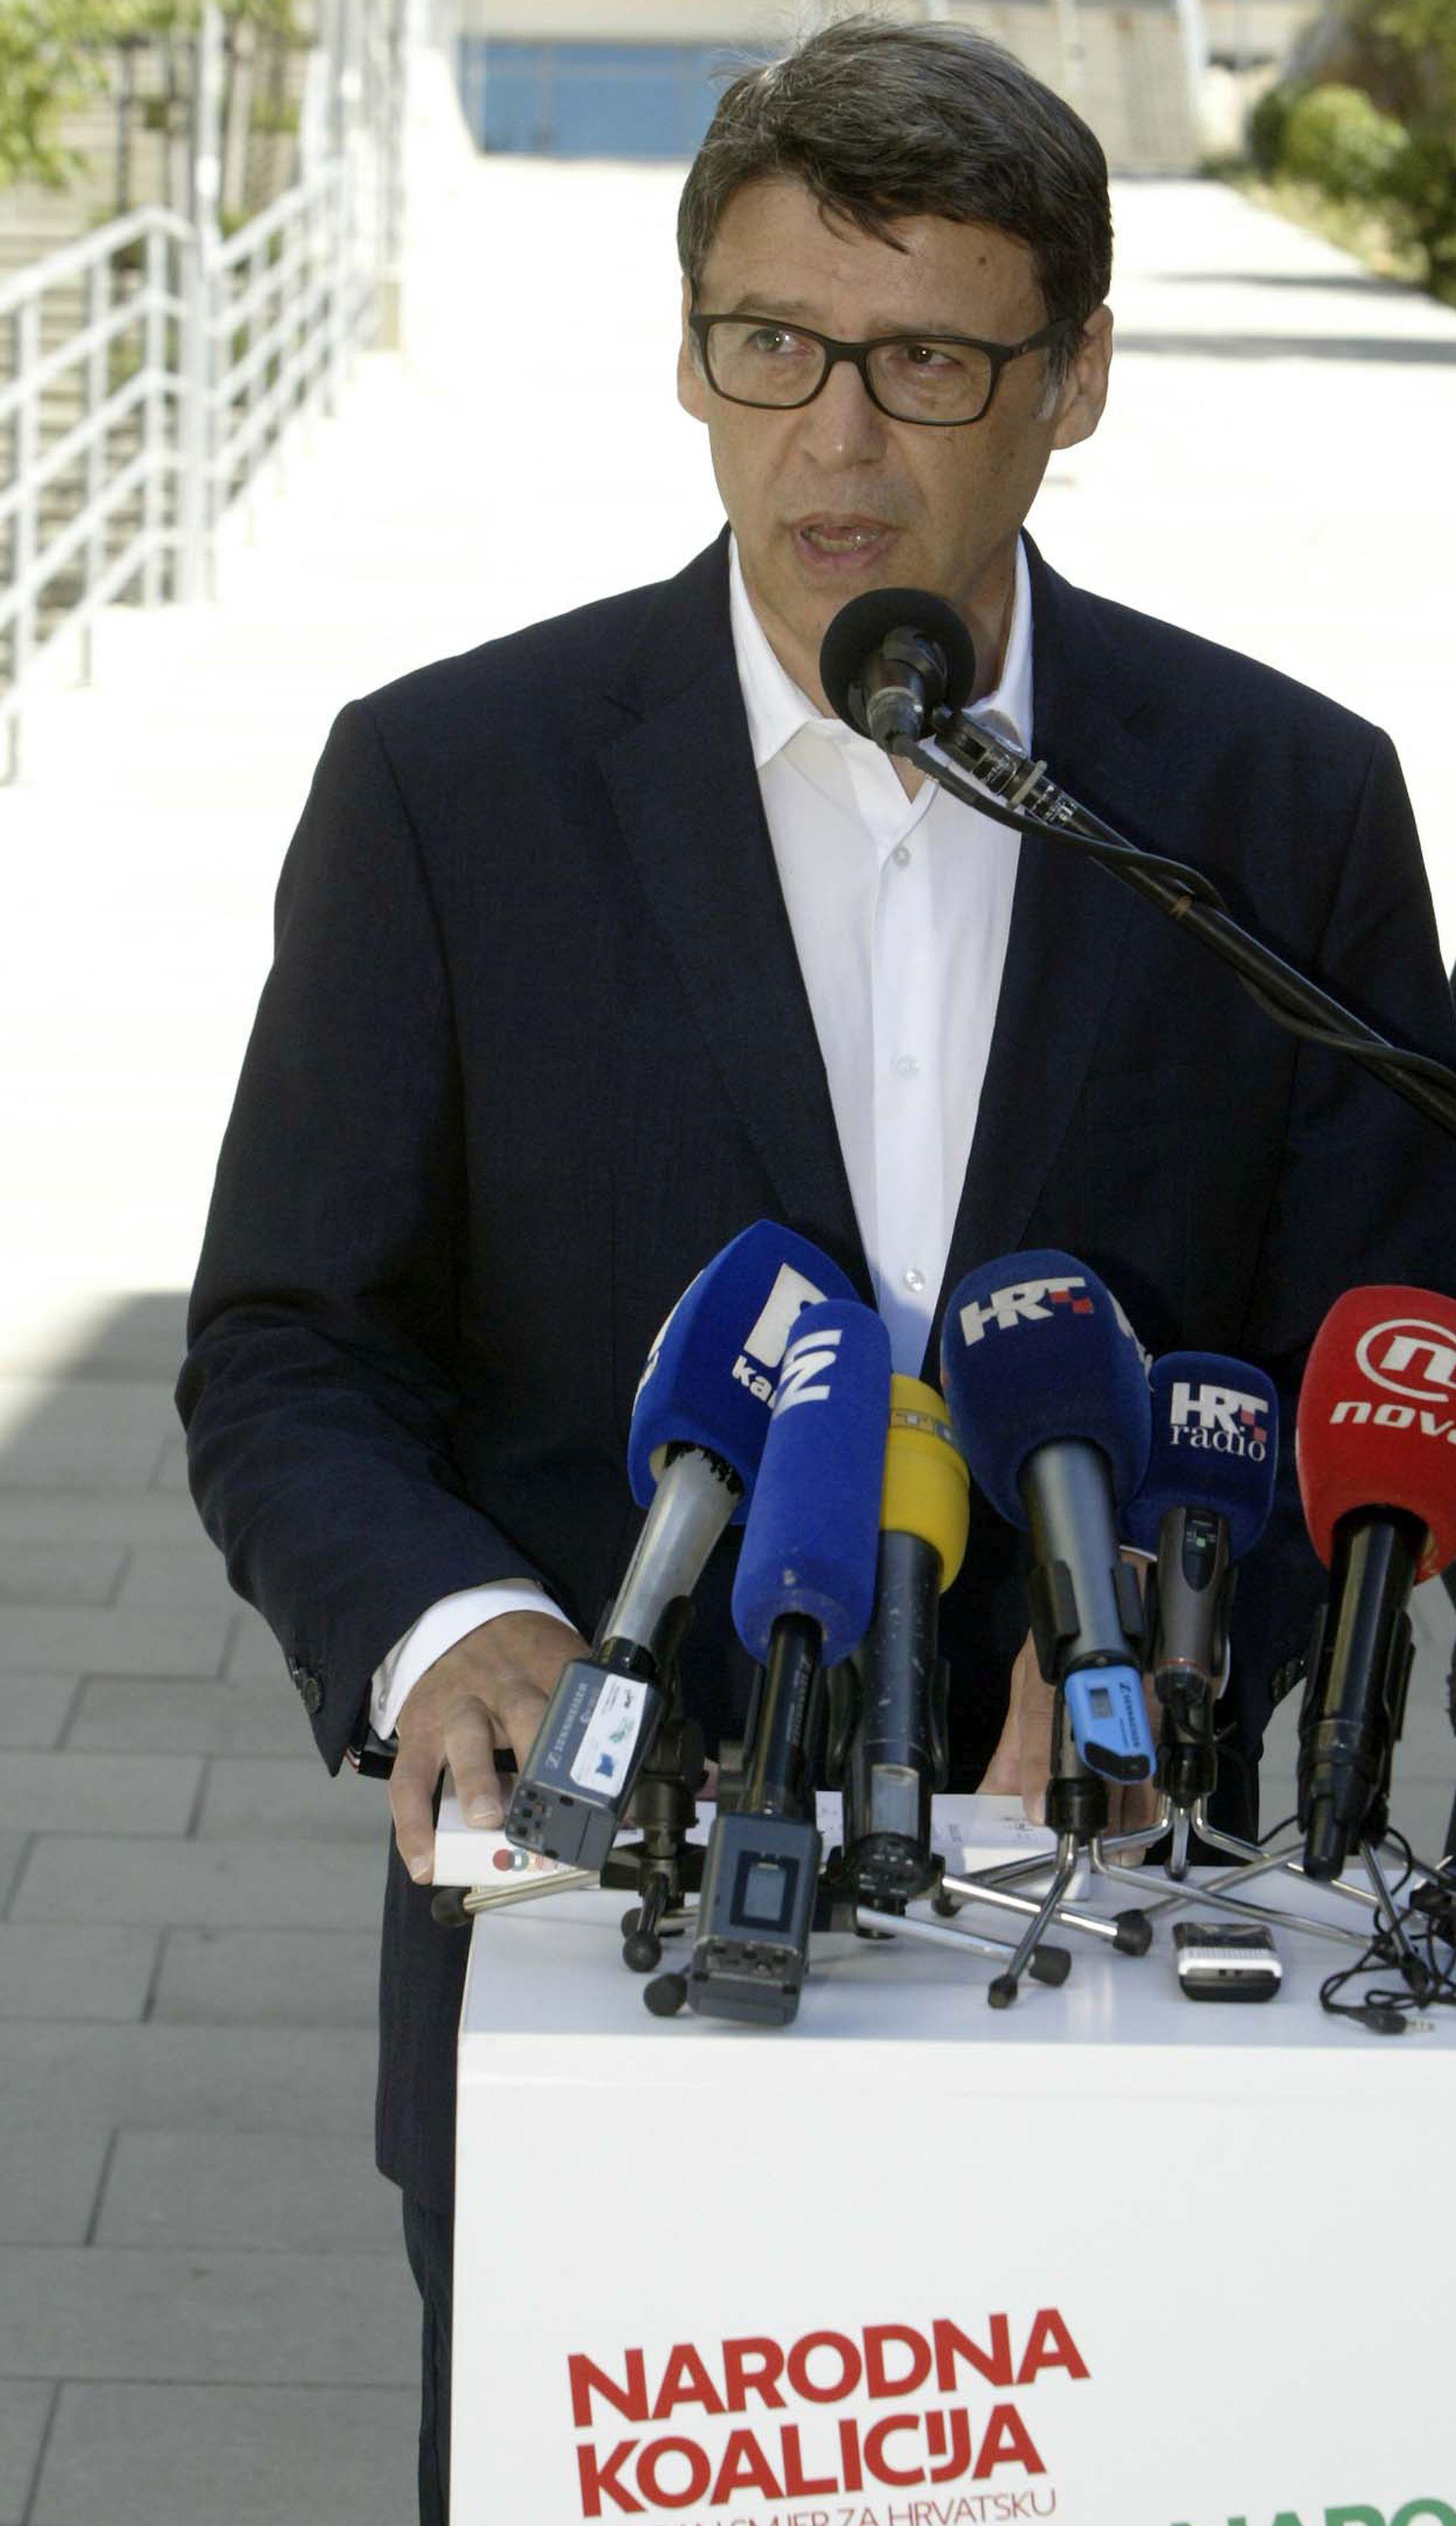 """JOVANOVIĆ """"Kujundžić se potpuno izgubio, Plenkoviću, smijeni ga"""""""